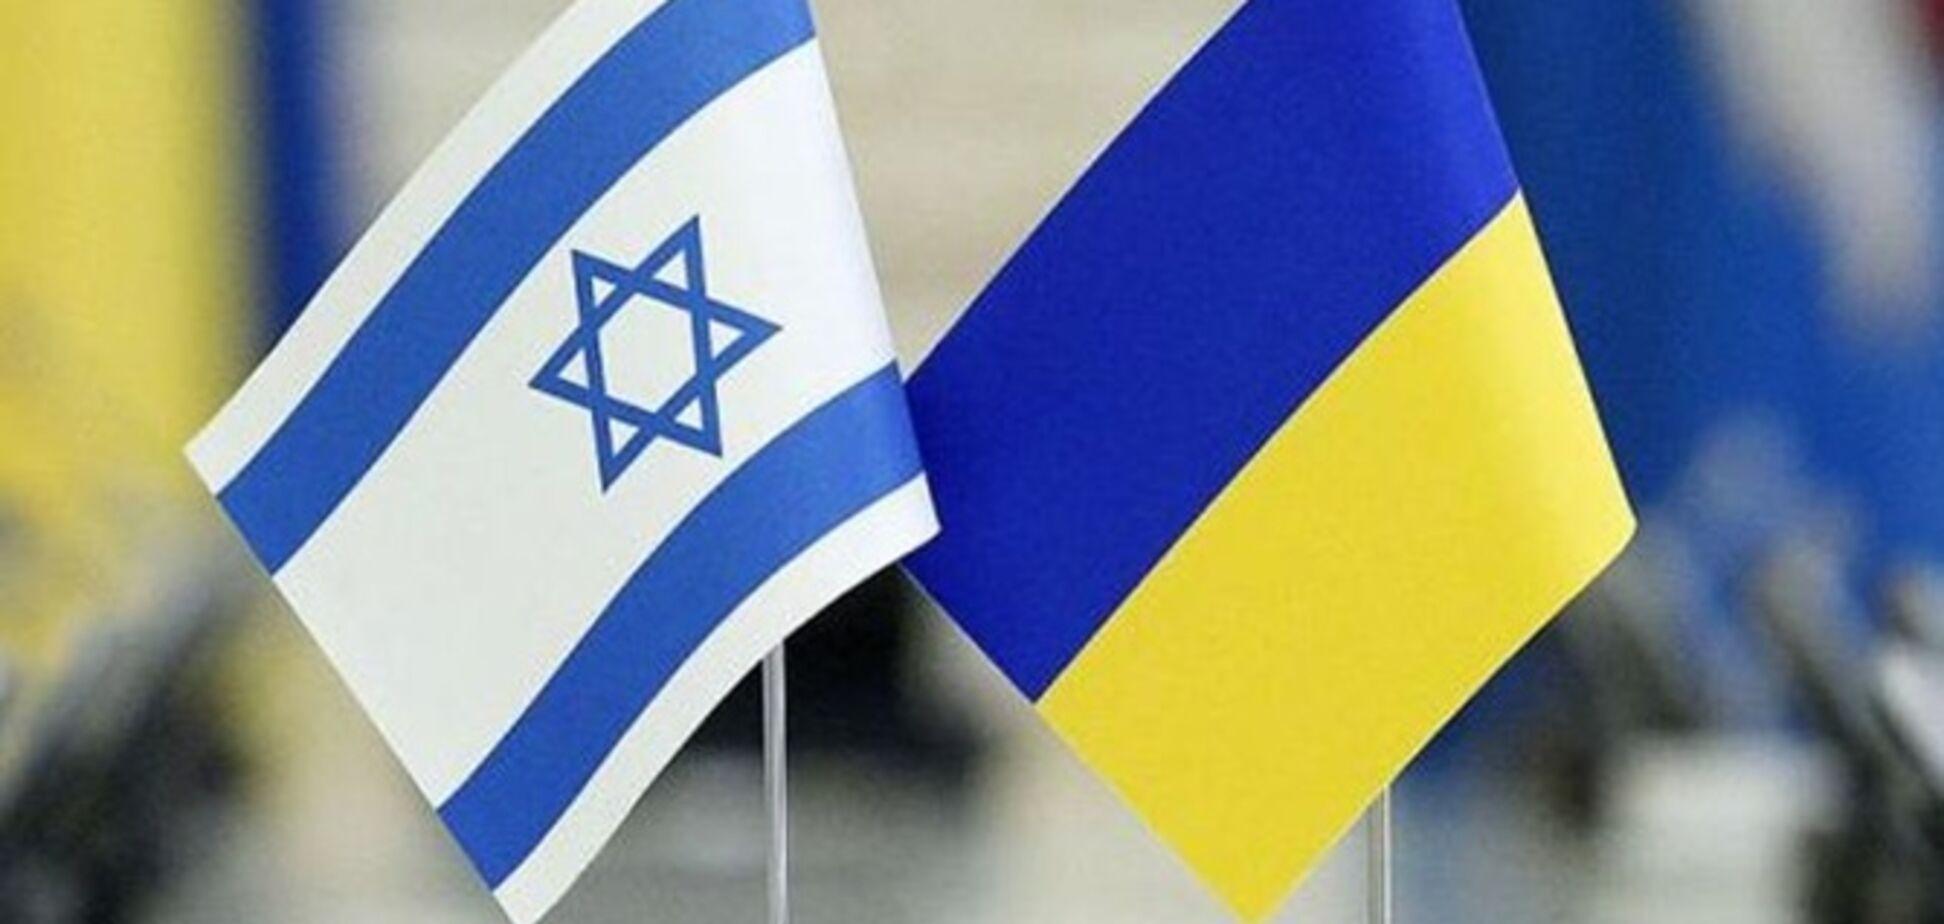 У мережі розігнали 'патріотичний' фейк про Ізраїль і Україну